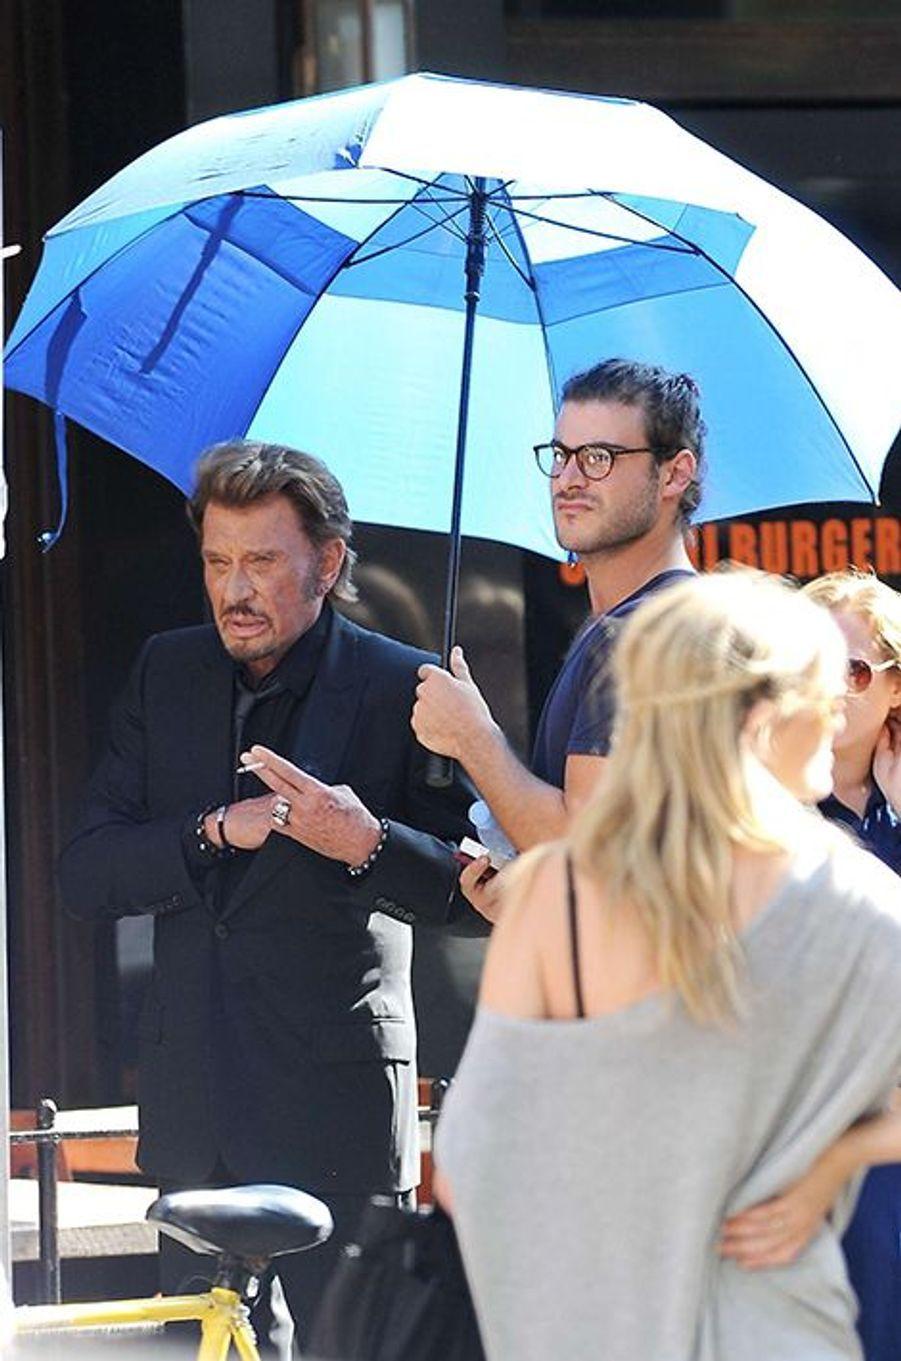 Johnny Hallyday sur le tournage de son nouveau clip à Los Angeles le lundi 13 octobre 2014